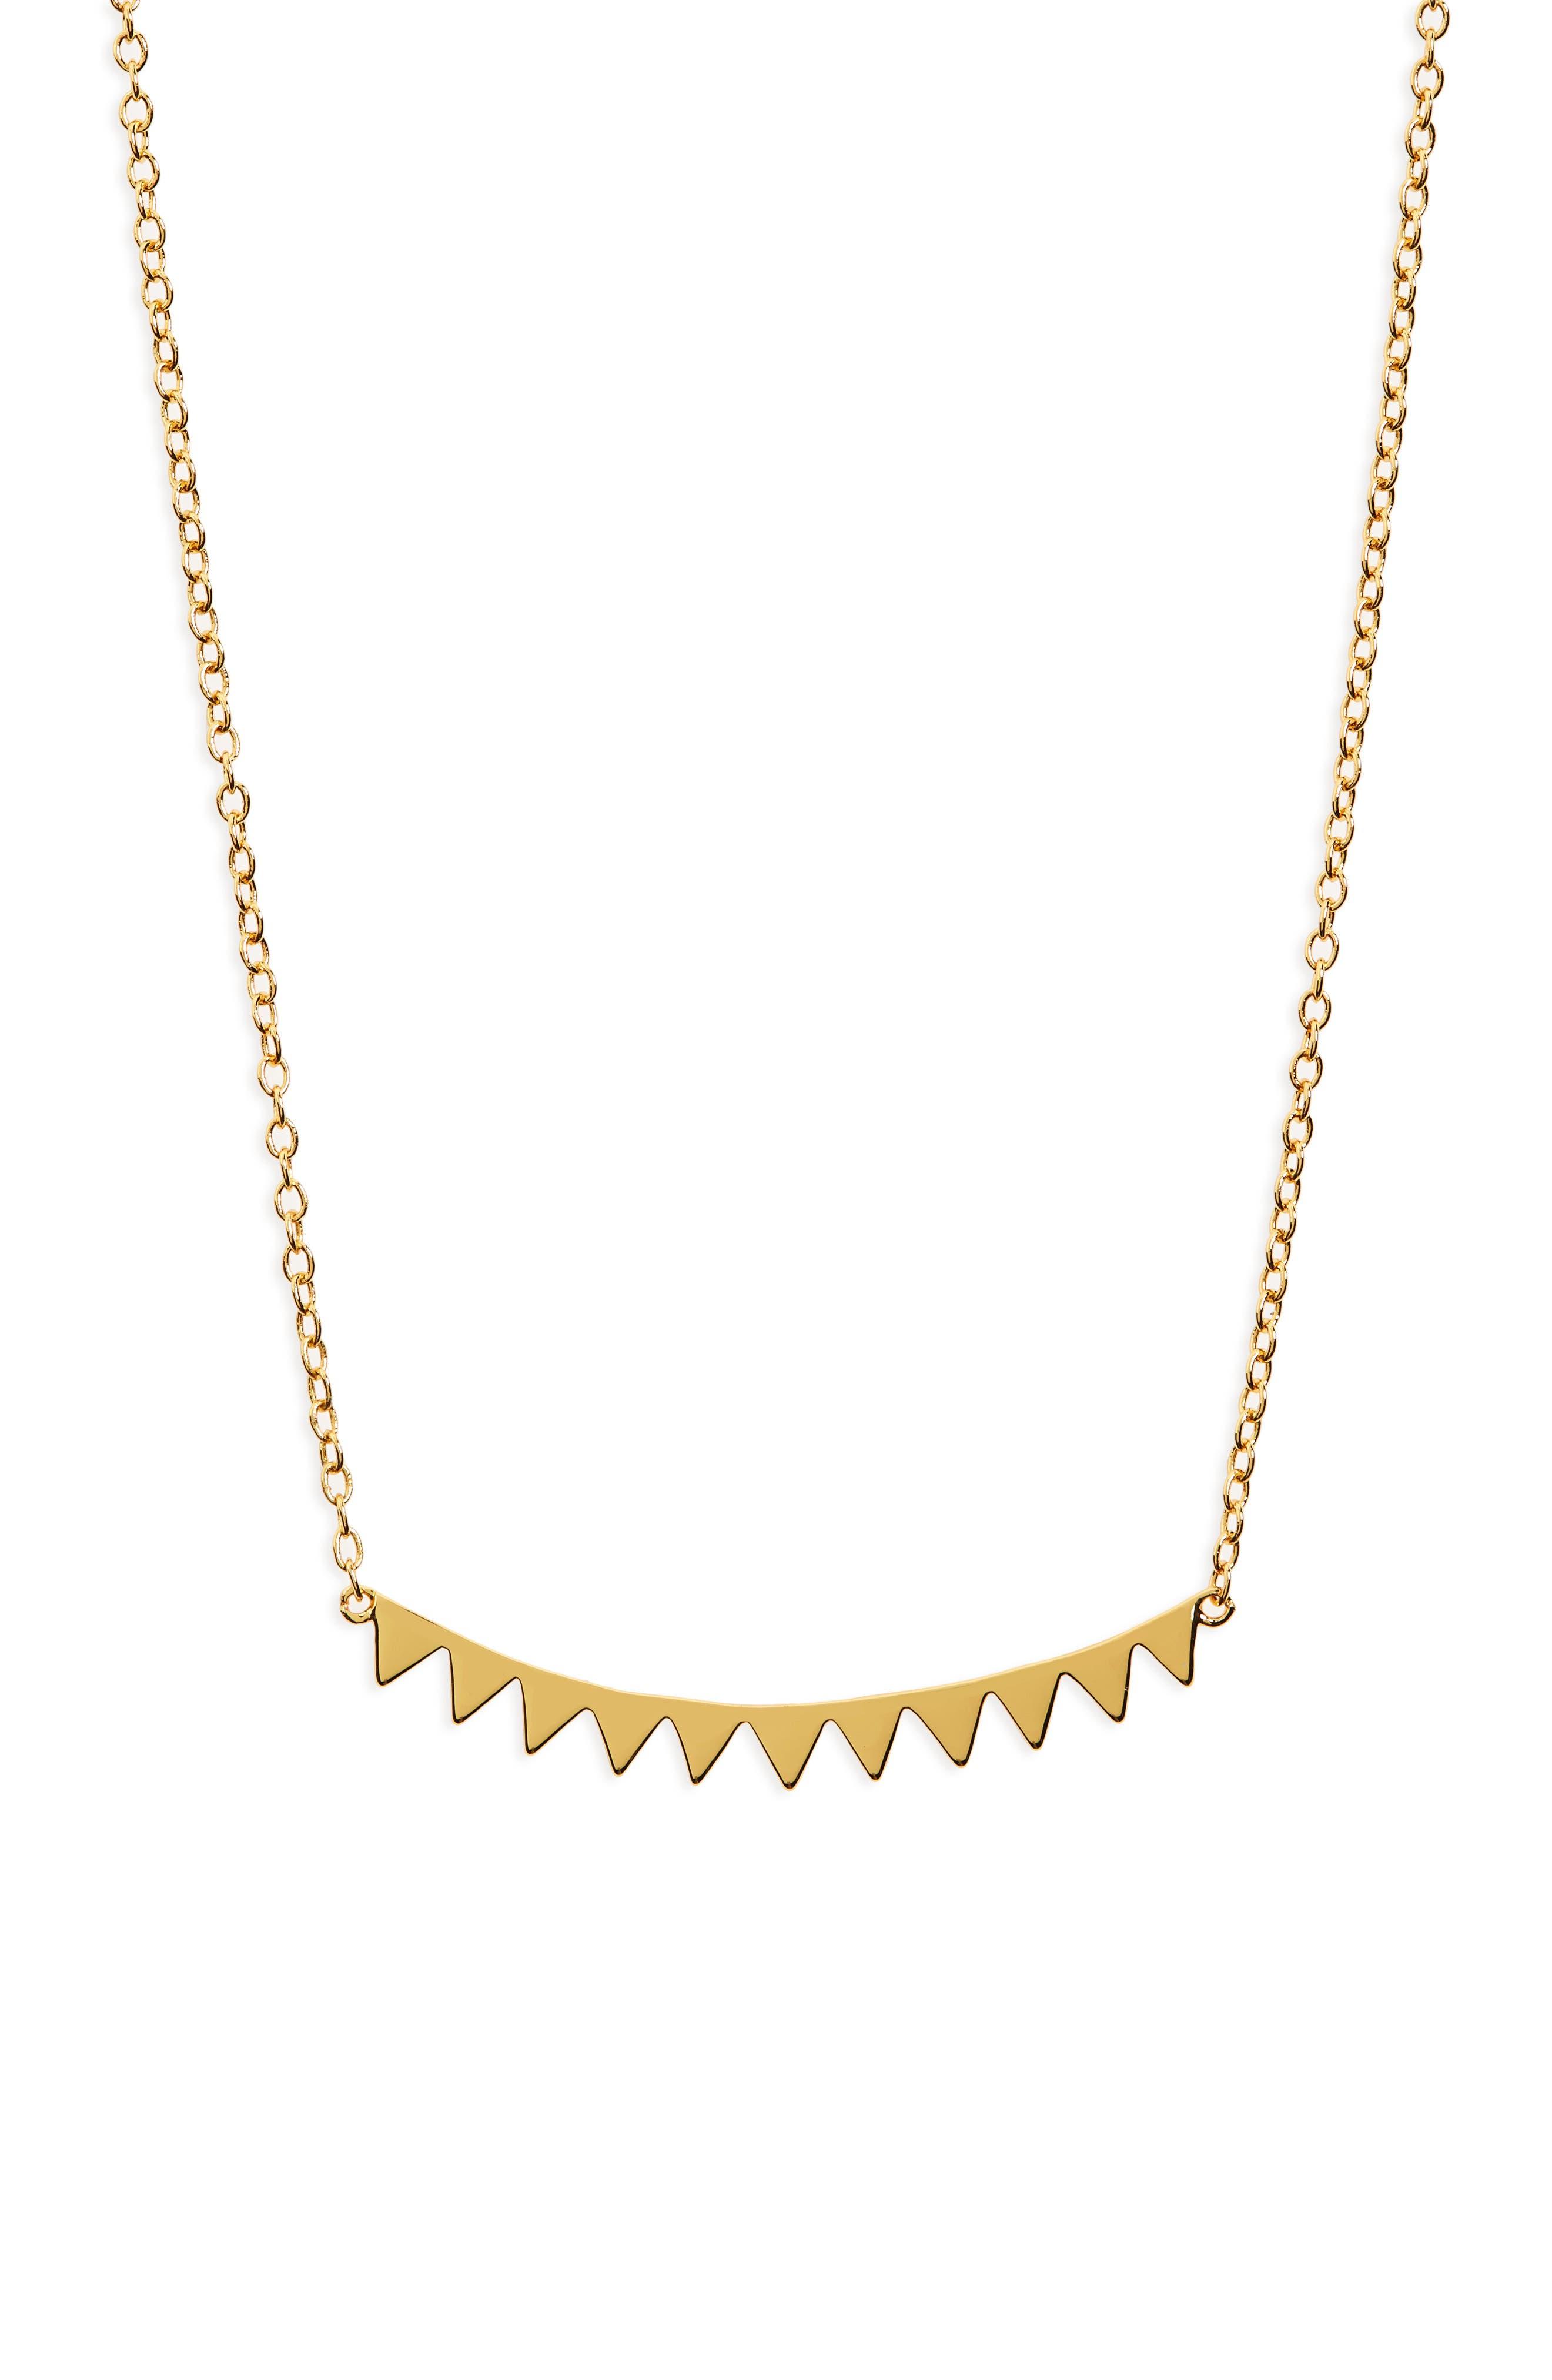 Image of Gorjana Mika Pendant Necklace